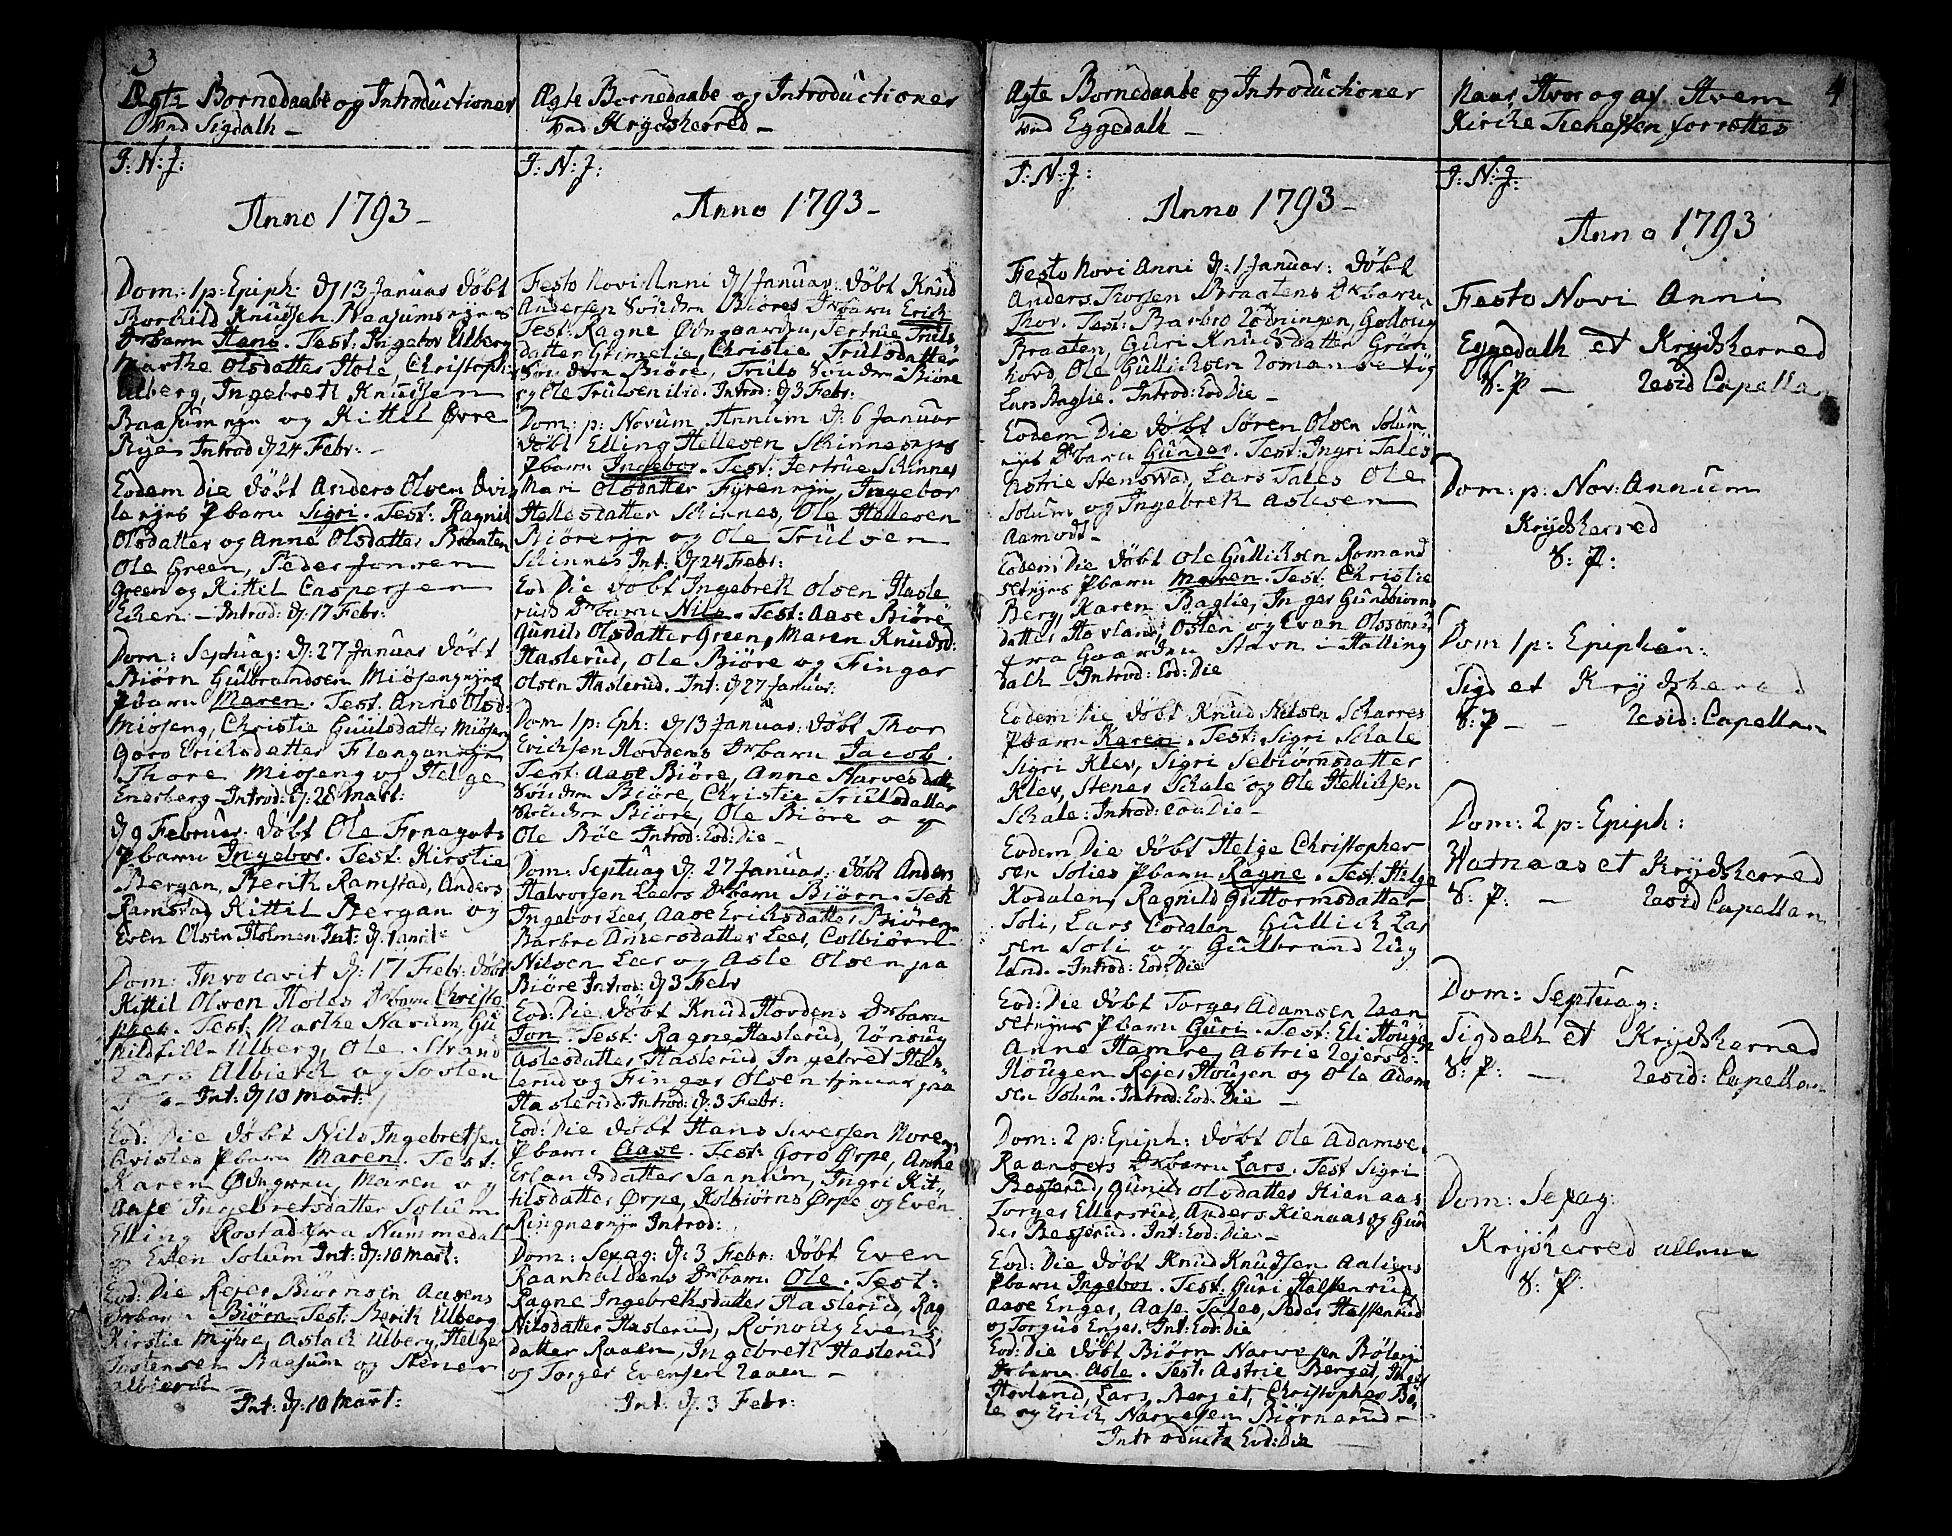 SAKO, Sigdal kirkebøker, F/Fa/L0003: Ministerialbok nr. I 3, 1793-1811, s. 3-4